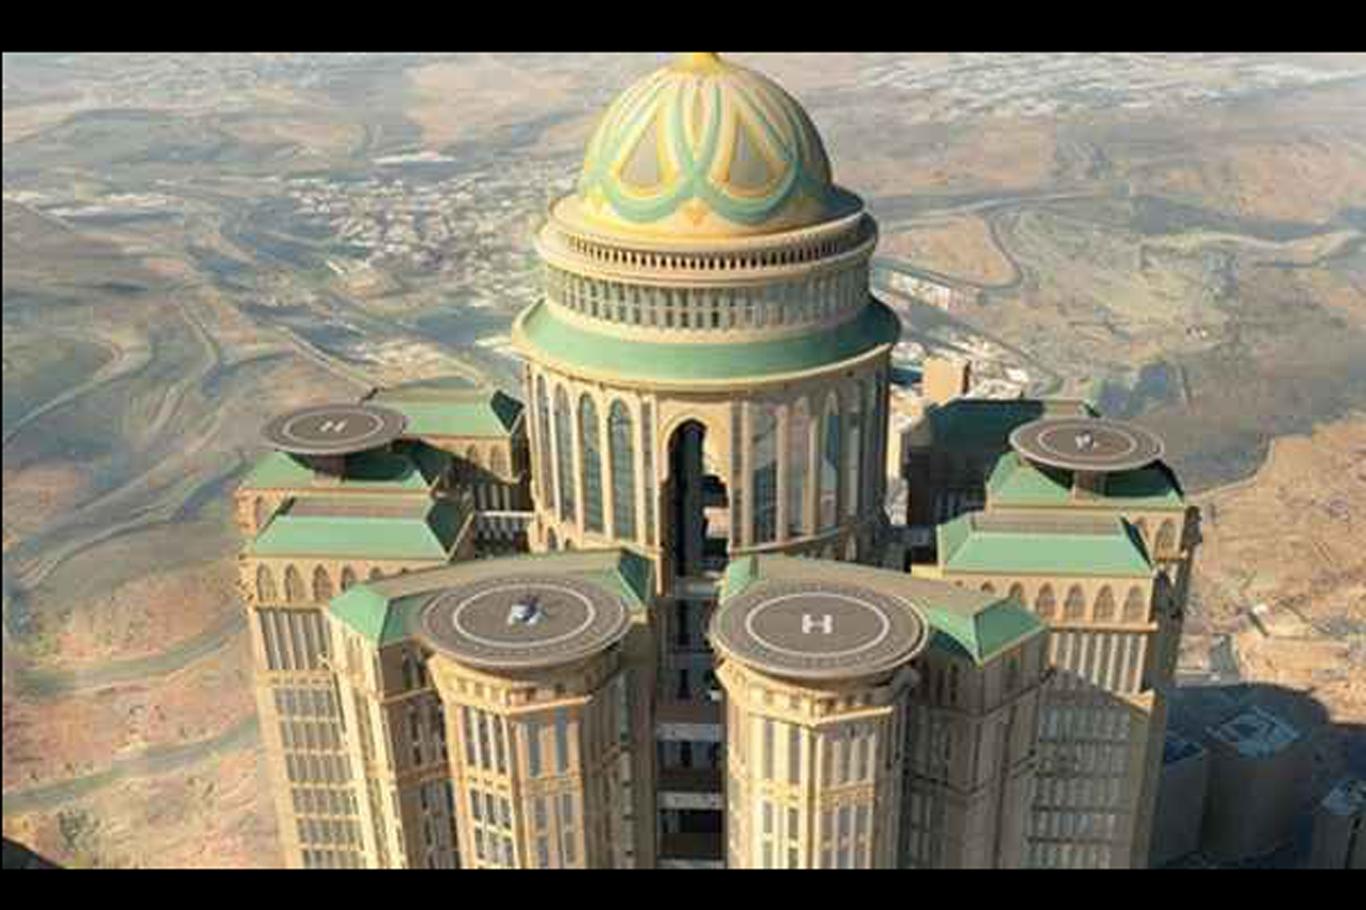 Mekke'de dünyanın en büyük oteli inşa edilecek